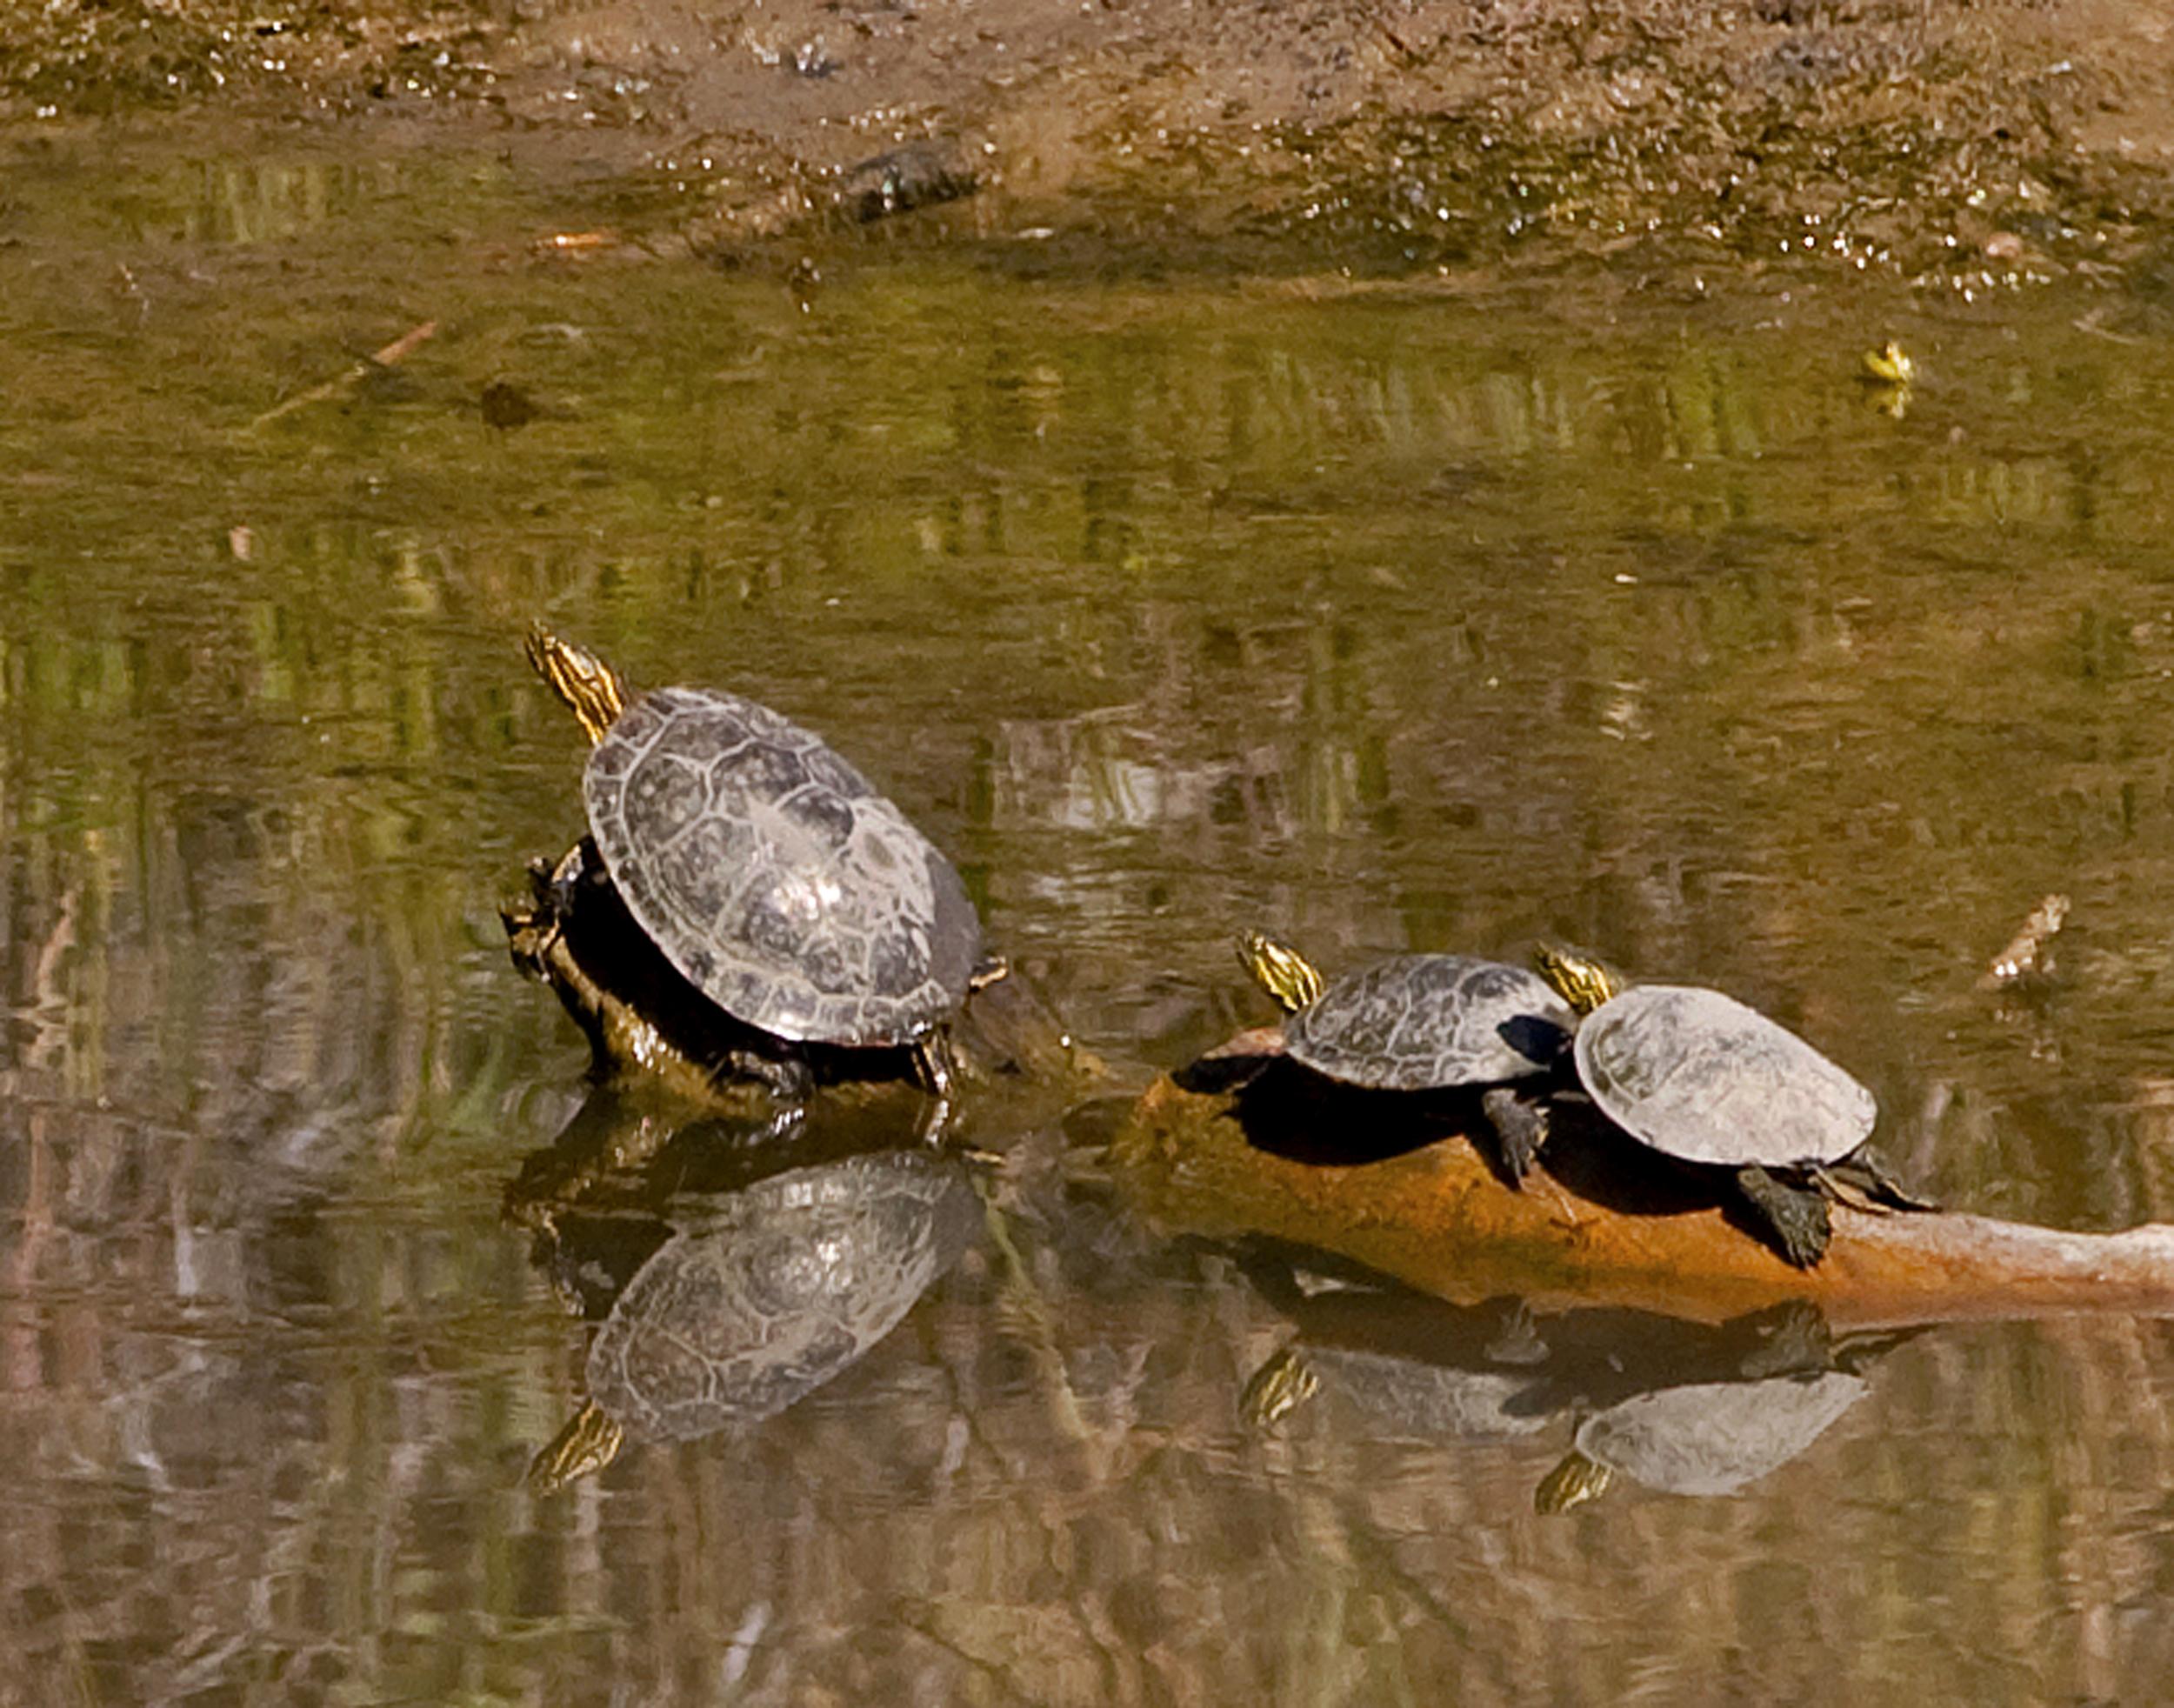 54 - Turtles